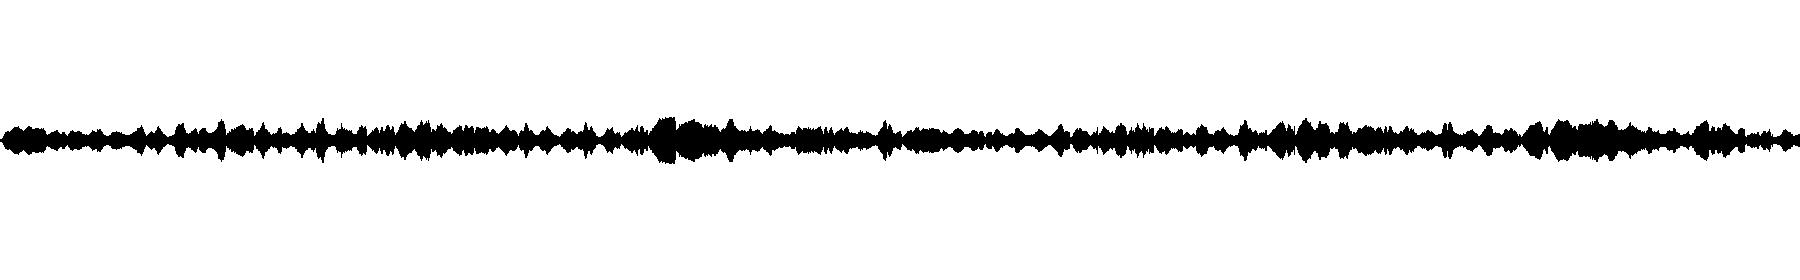 flute d minor